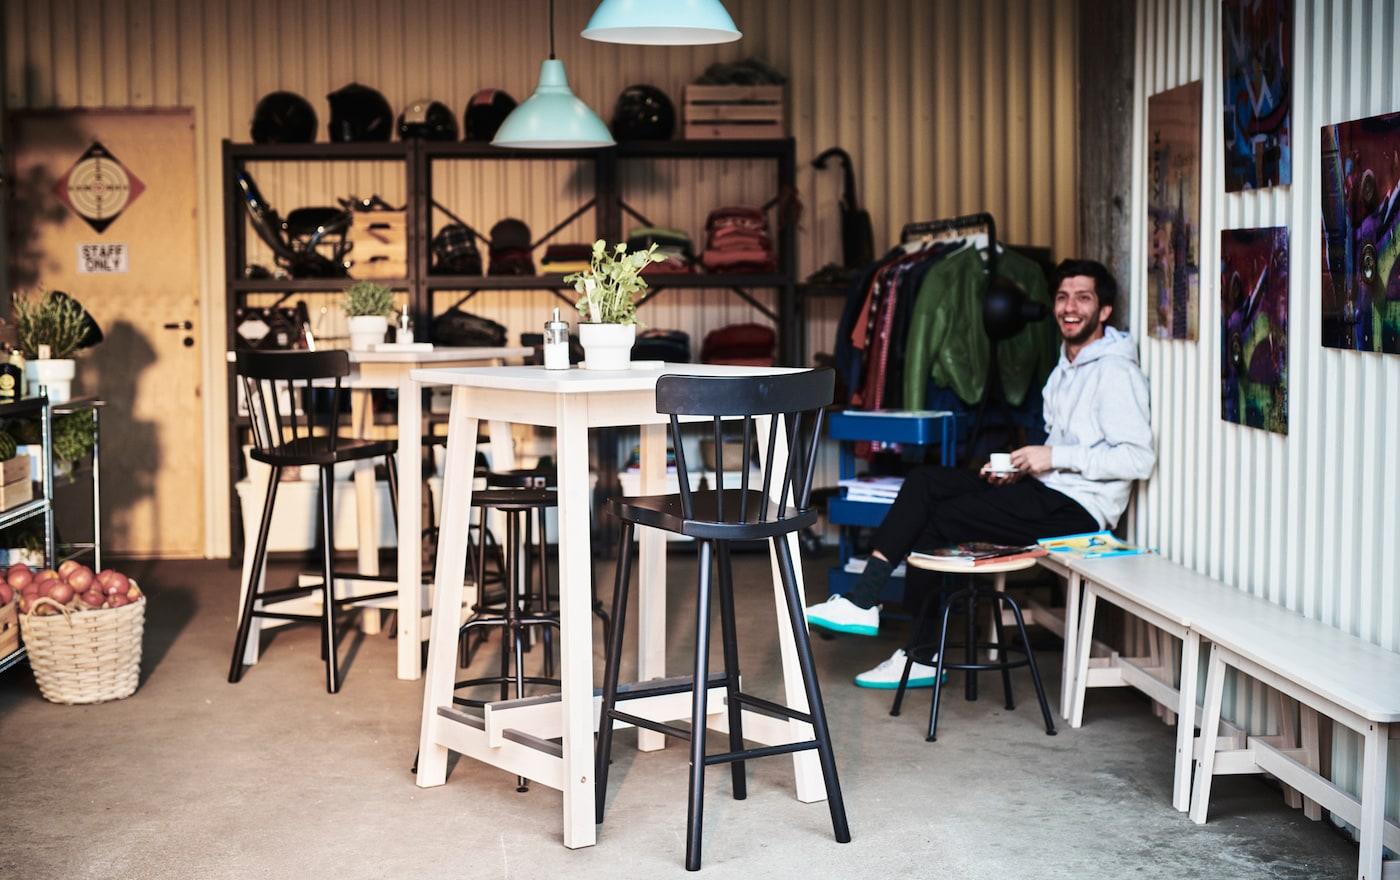 IKEA NORRÅKER licht, houten bartafels met zwarte barkrukken in een kleine café.